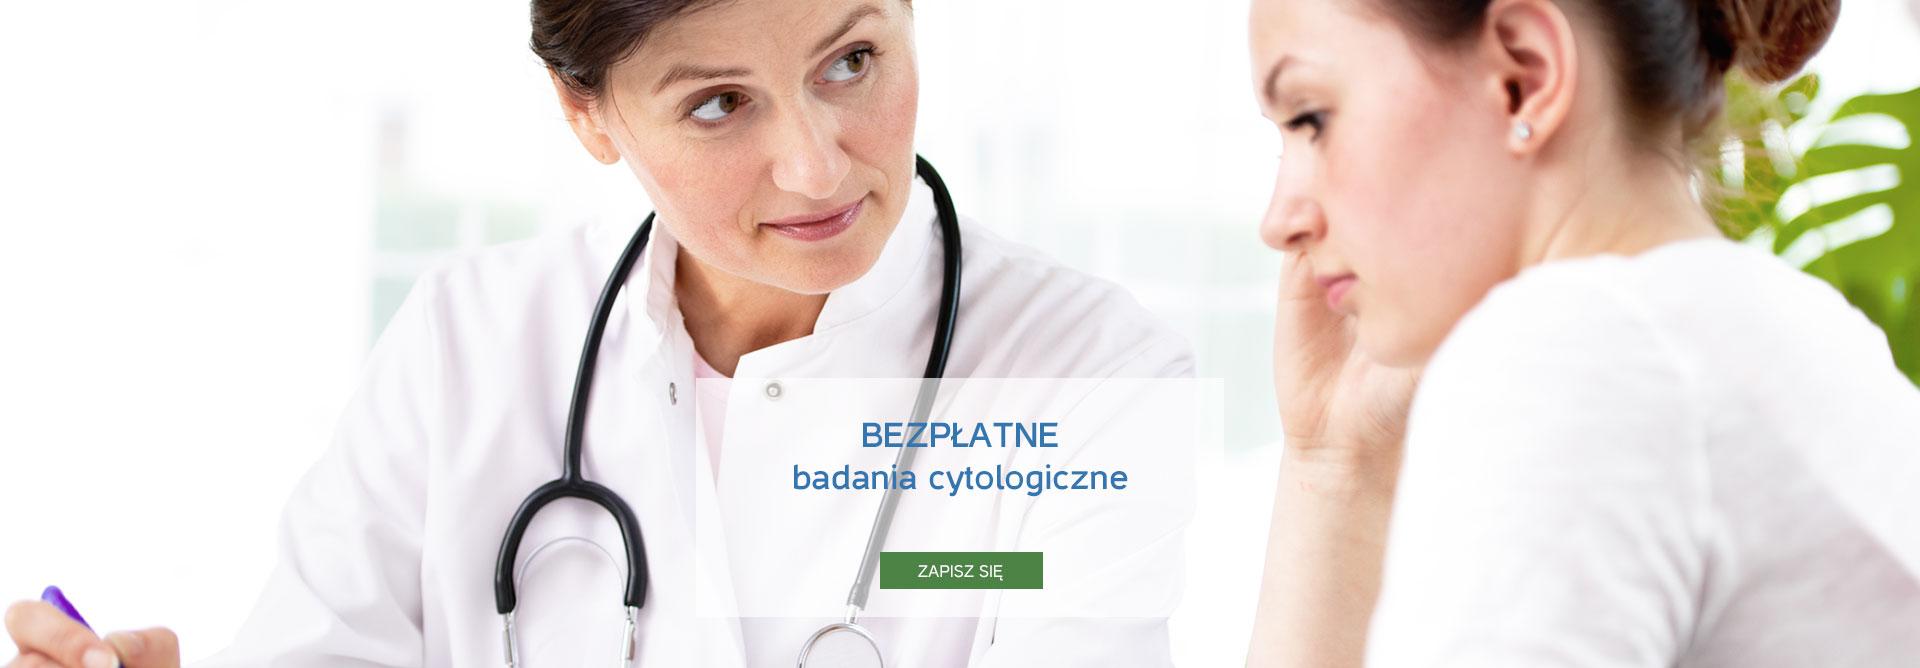 Izabelin-Bezpłatne-badania-cytologiczne-slider